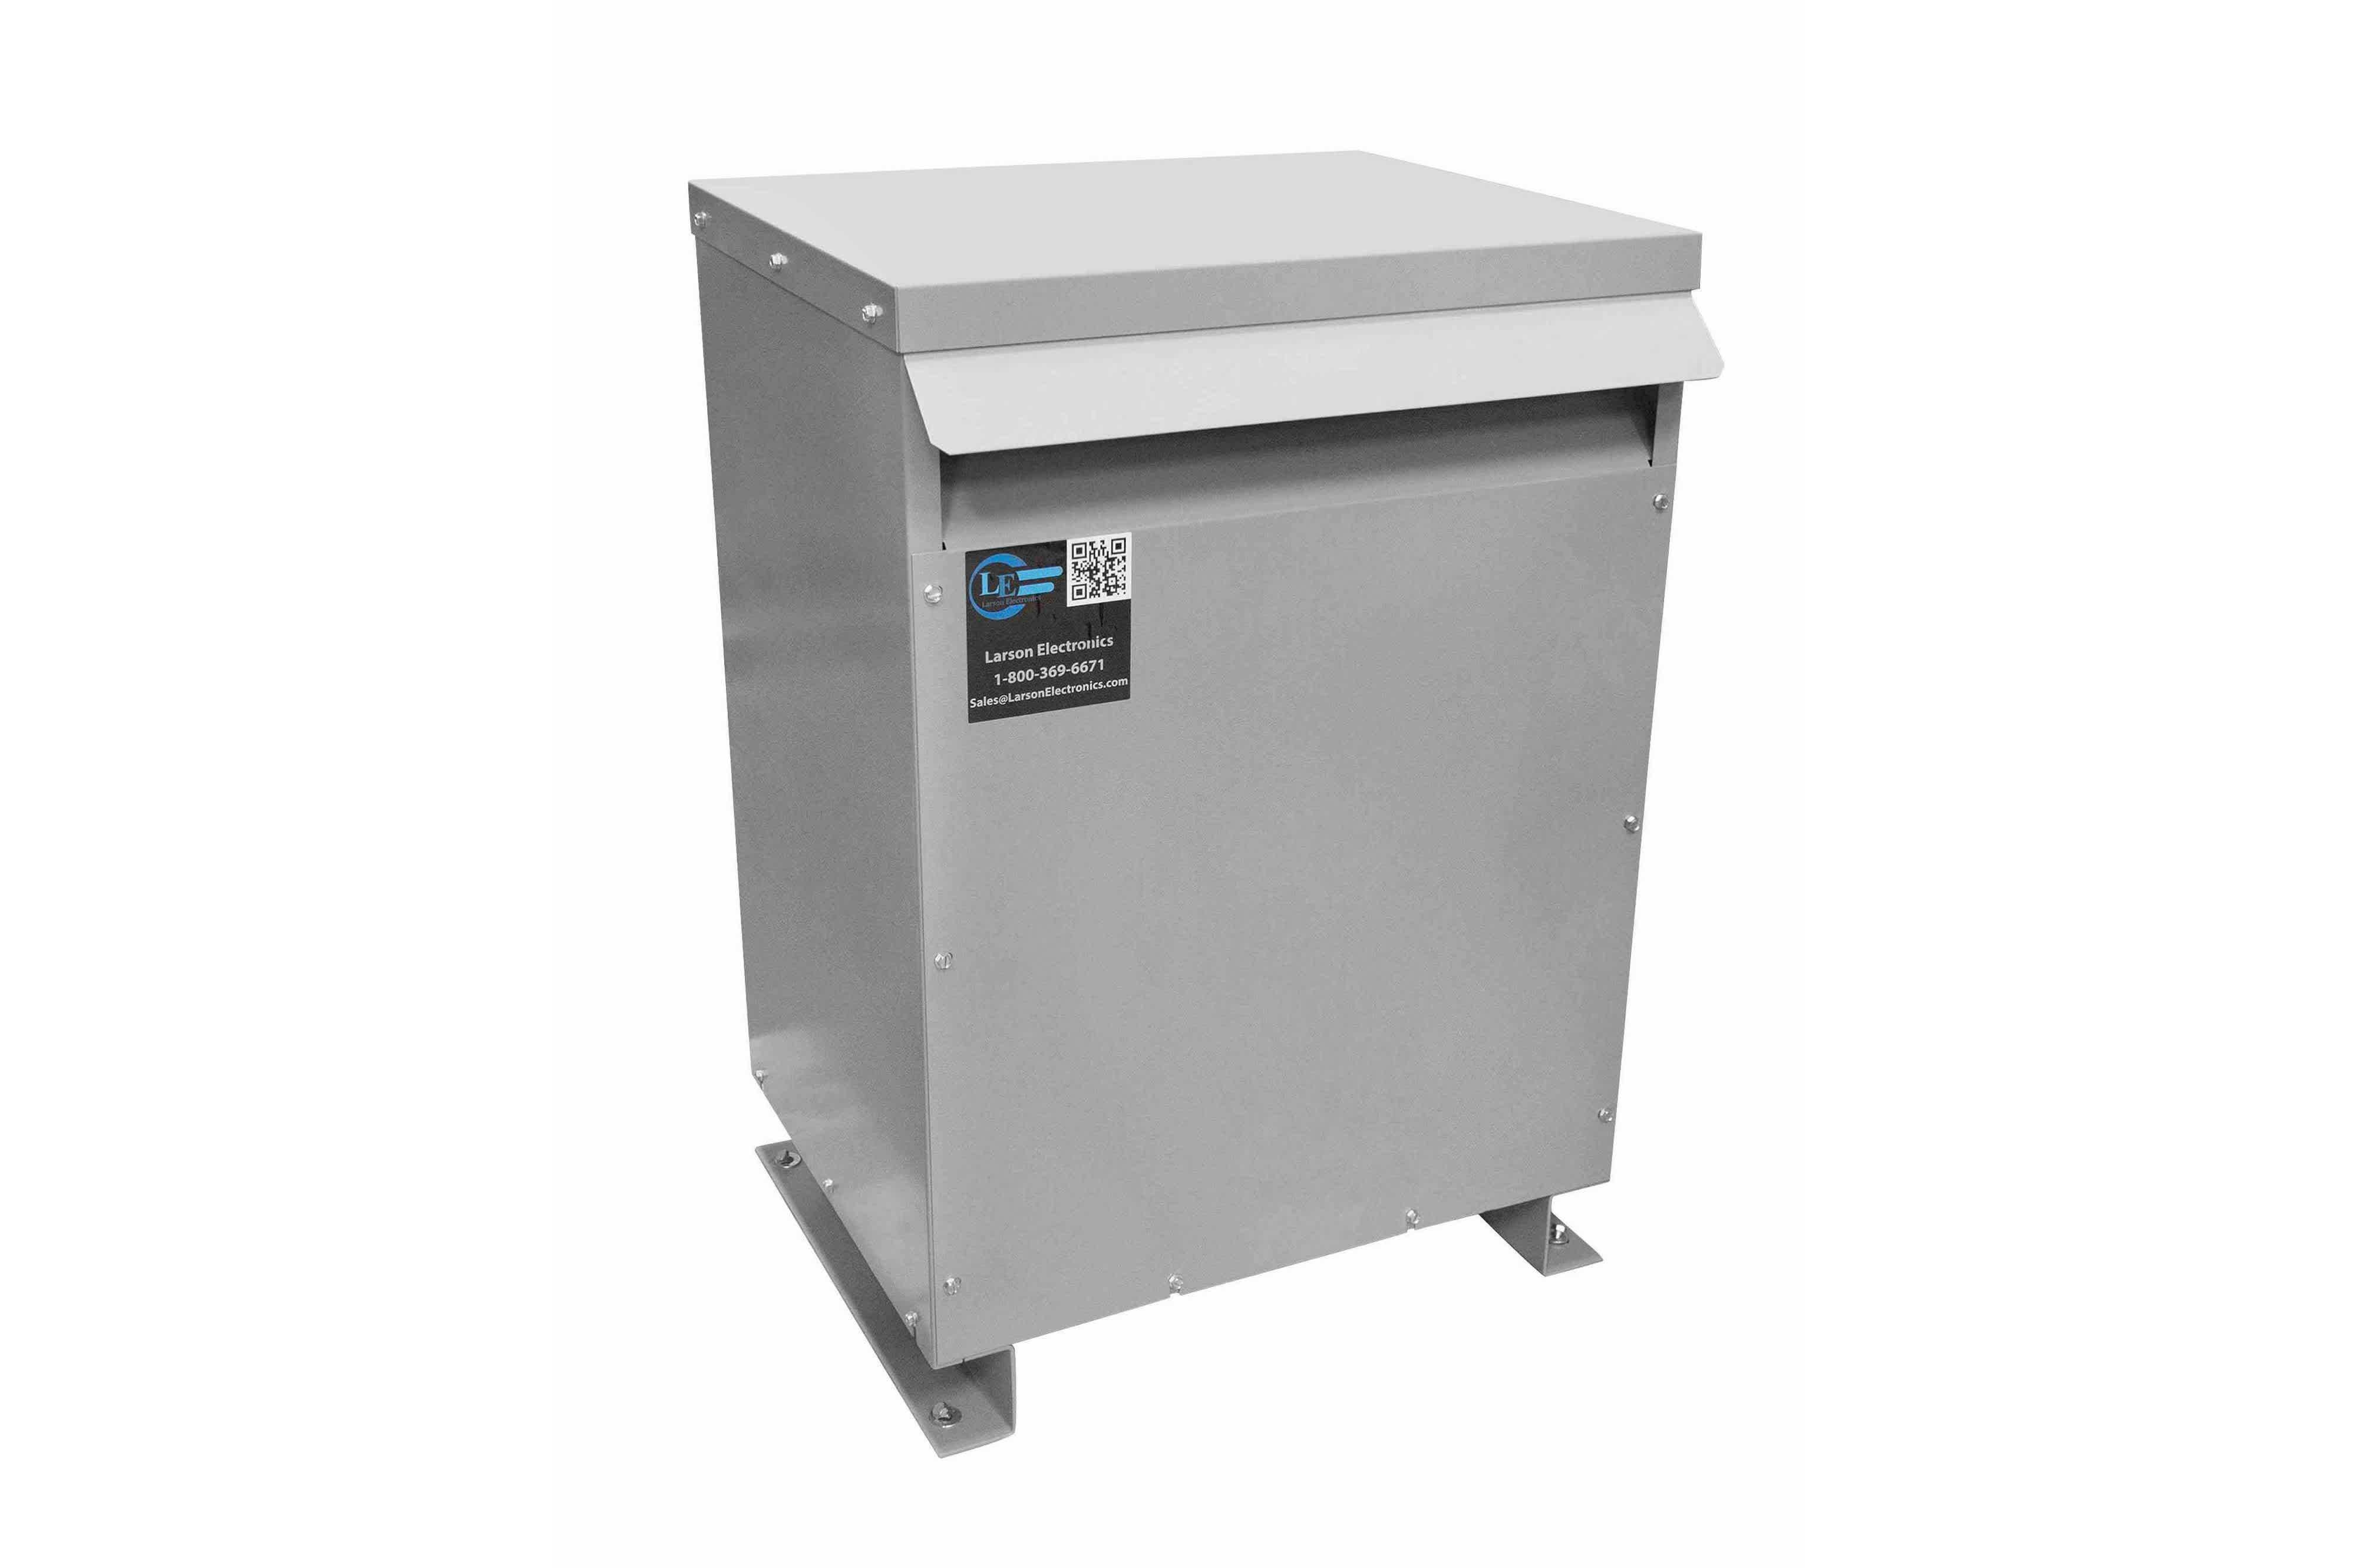 47.5 kVA 3PH Isolation Transformer, 600V Delta Primary, 208V Delta Secondary, N3R, Ventilated, 60 Hz